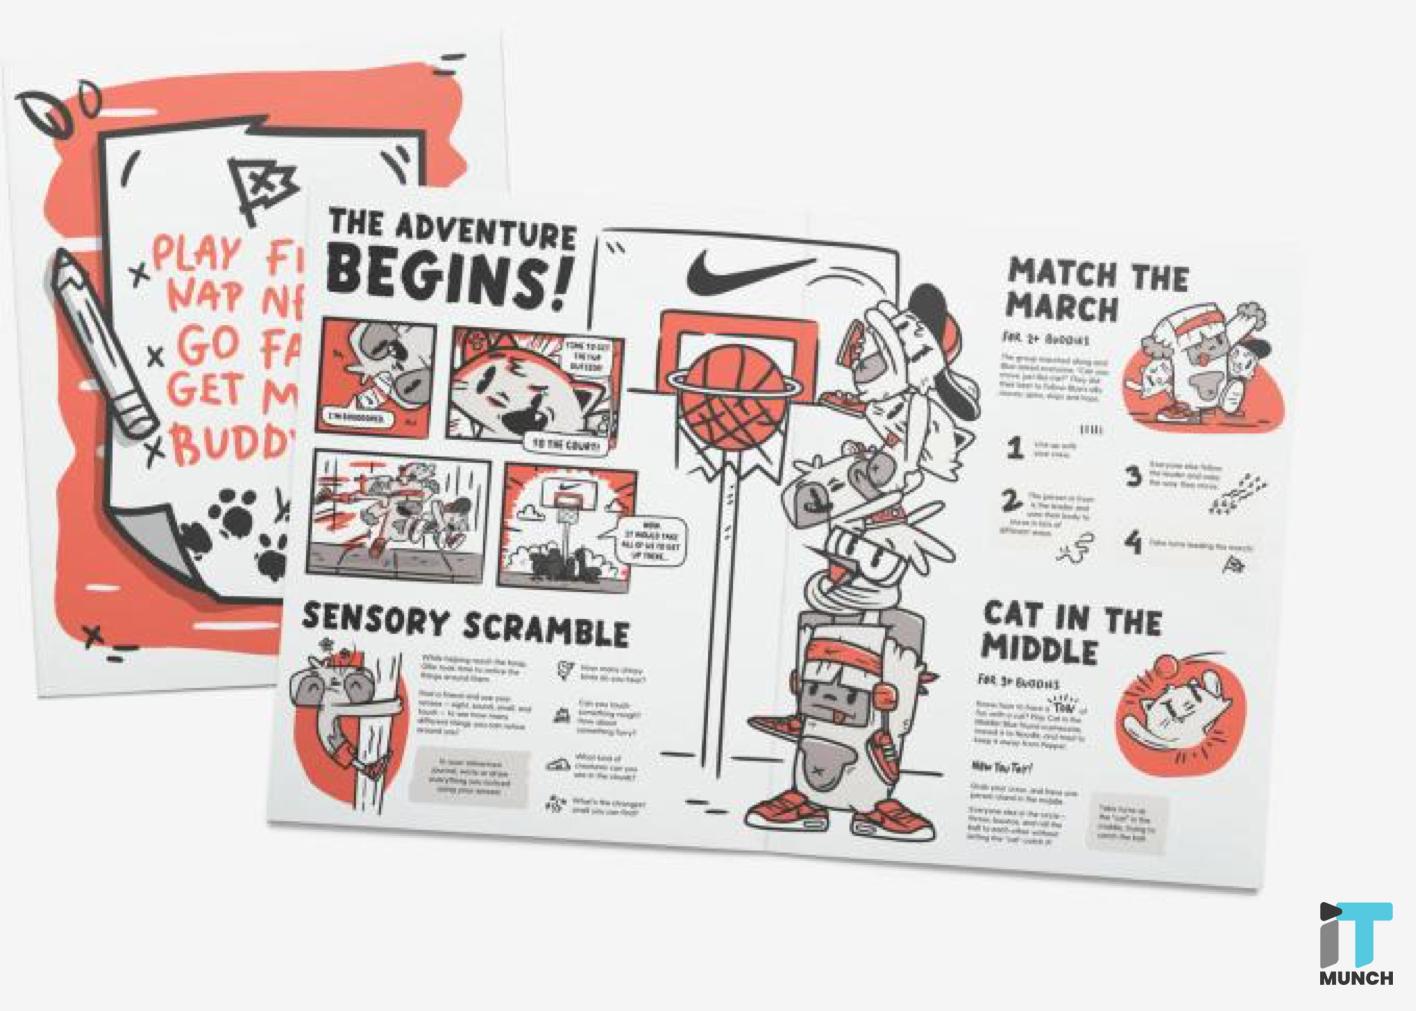 Nike adventure kit for children | iTMunch